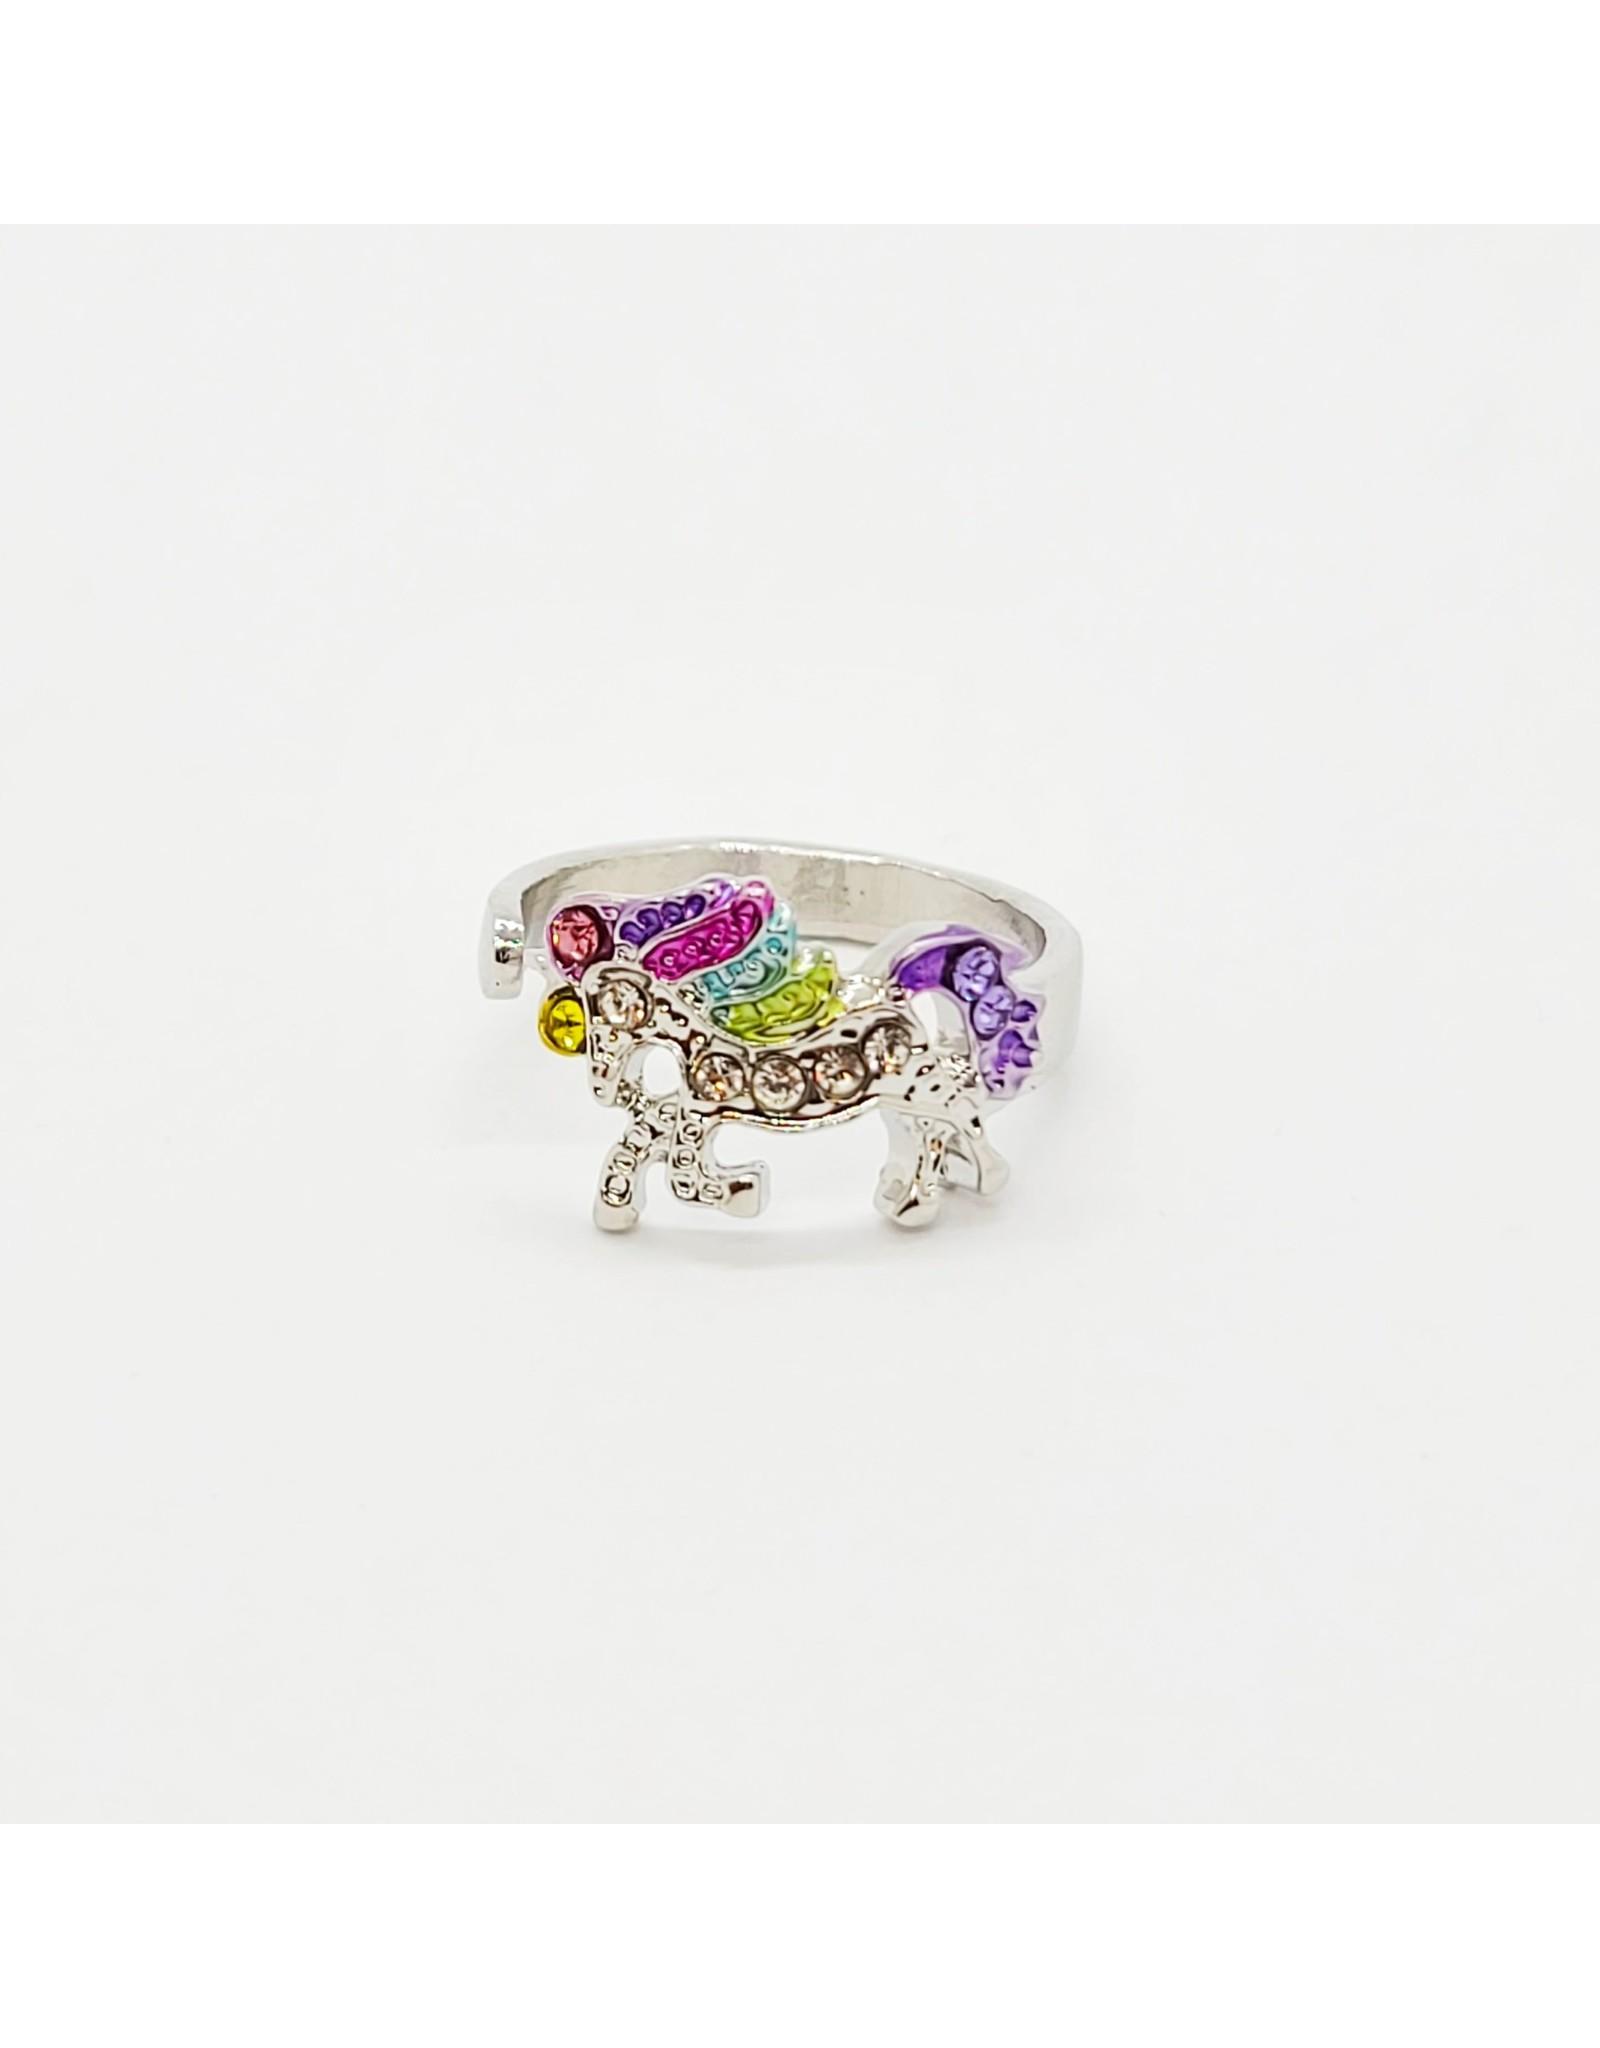 Adjustable Iron Unicorn Ring